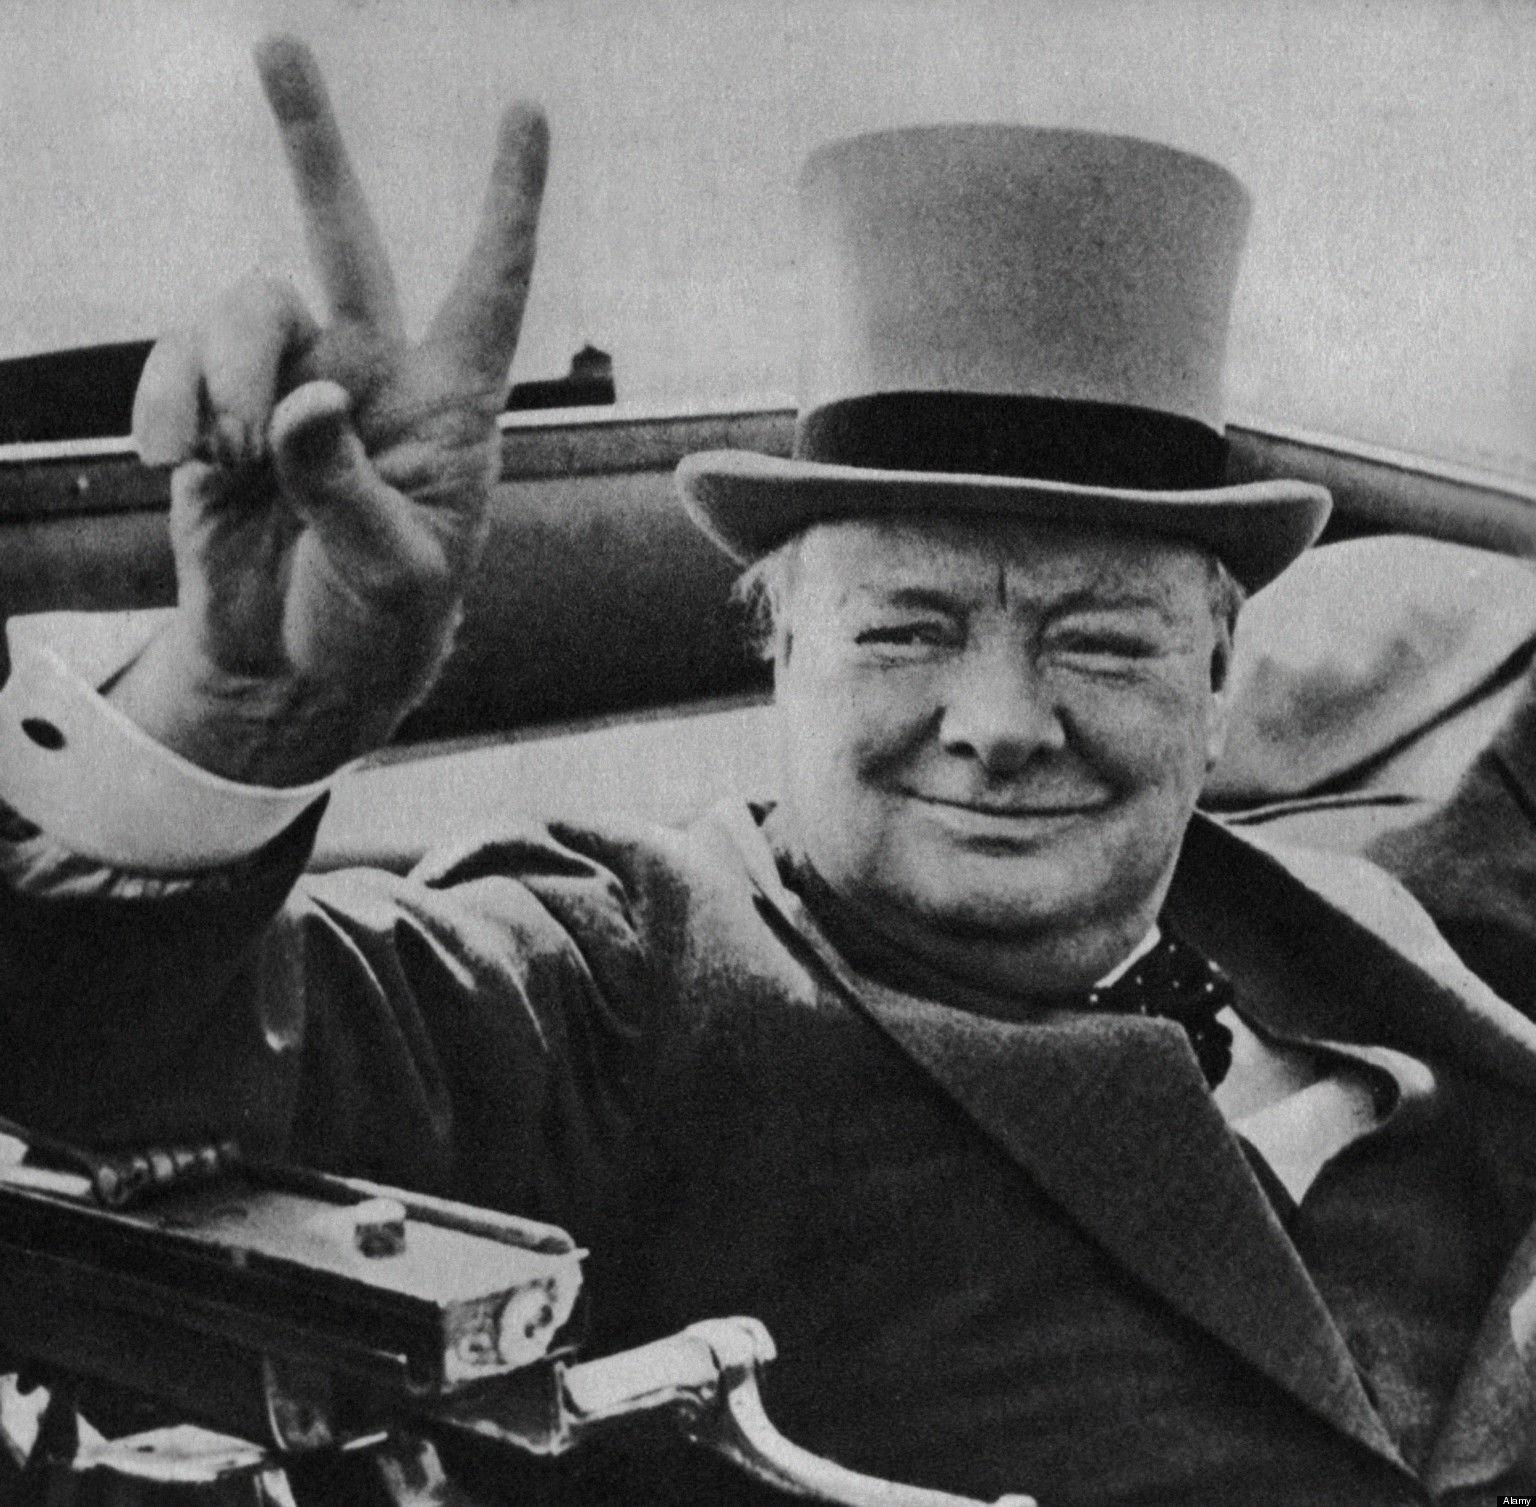 Winston Churchill, v-sign, v işareti, çörçil